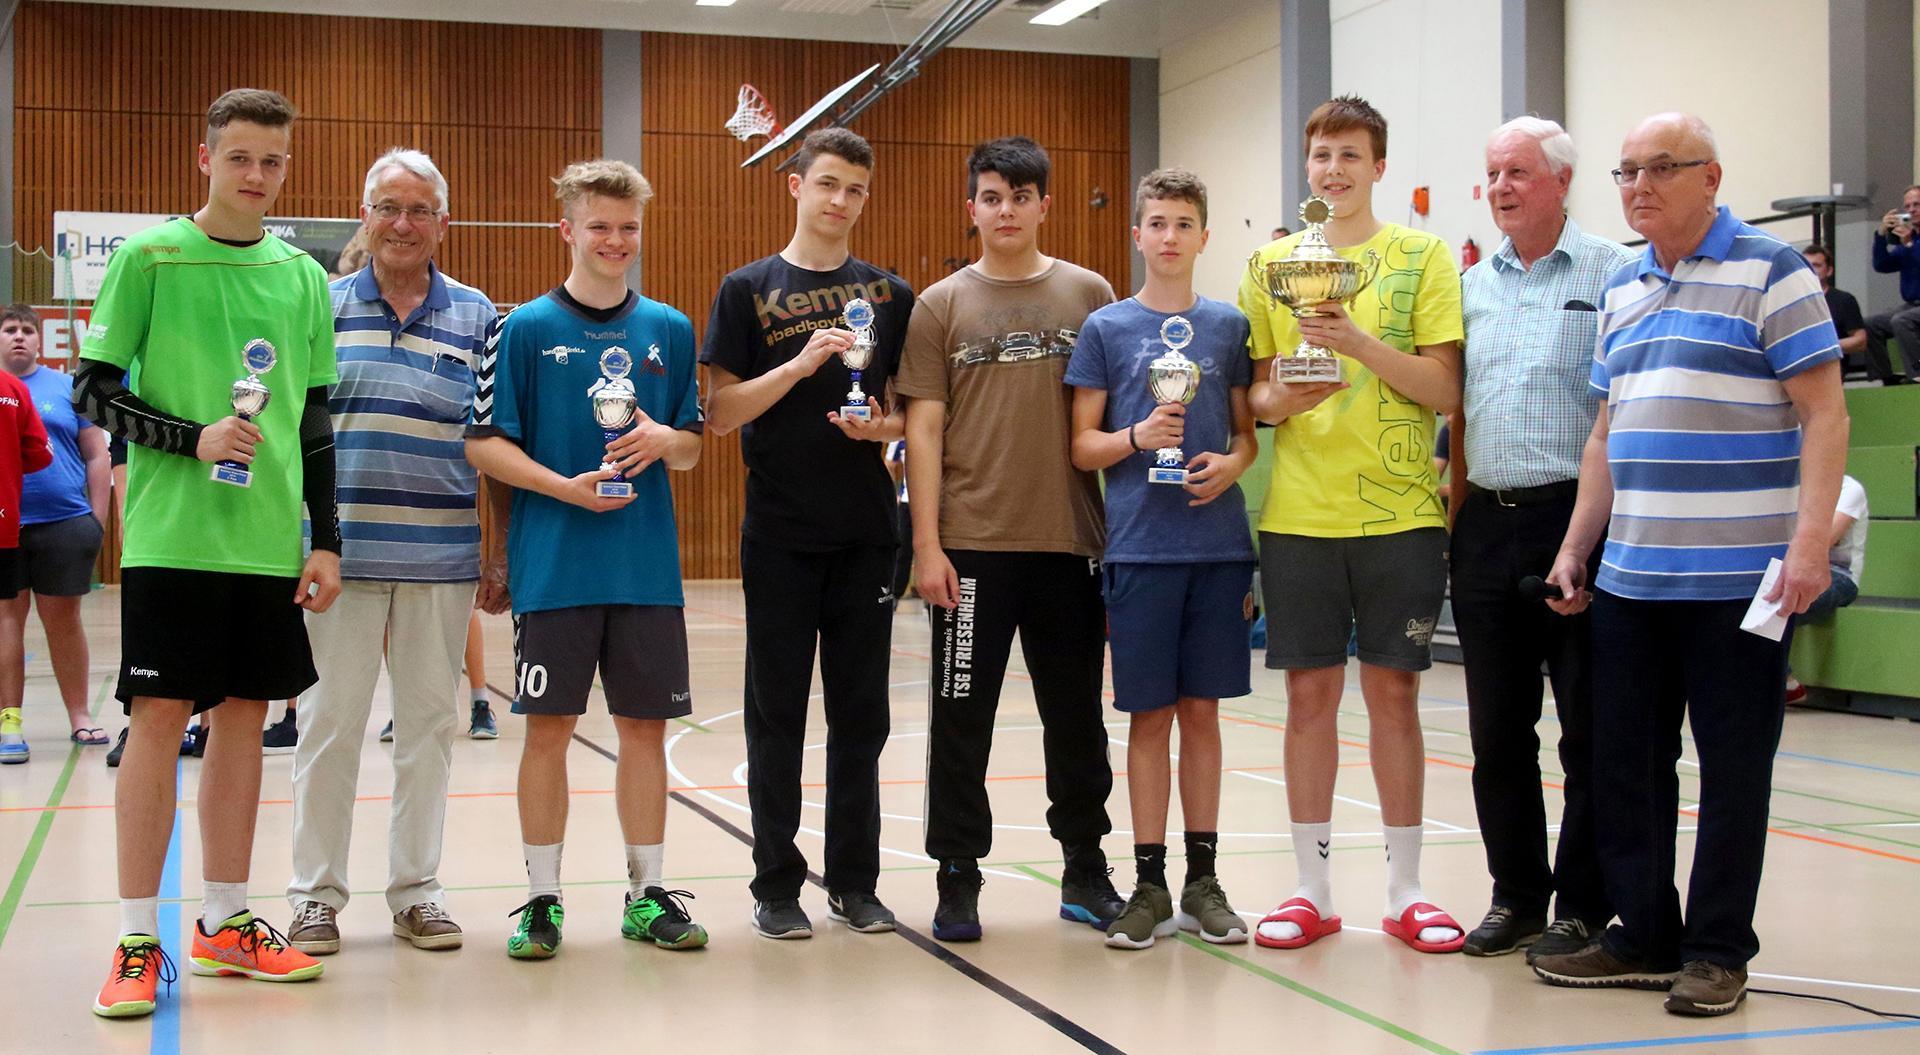 Andreas Hahn Stiftung - Förderung des Jugendhandballs in der Region